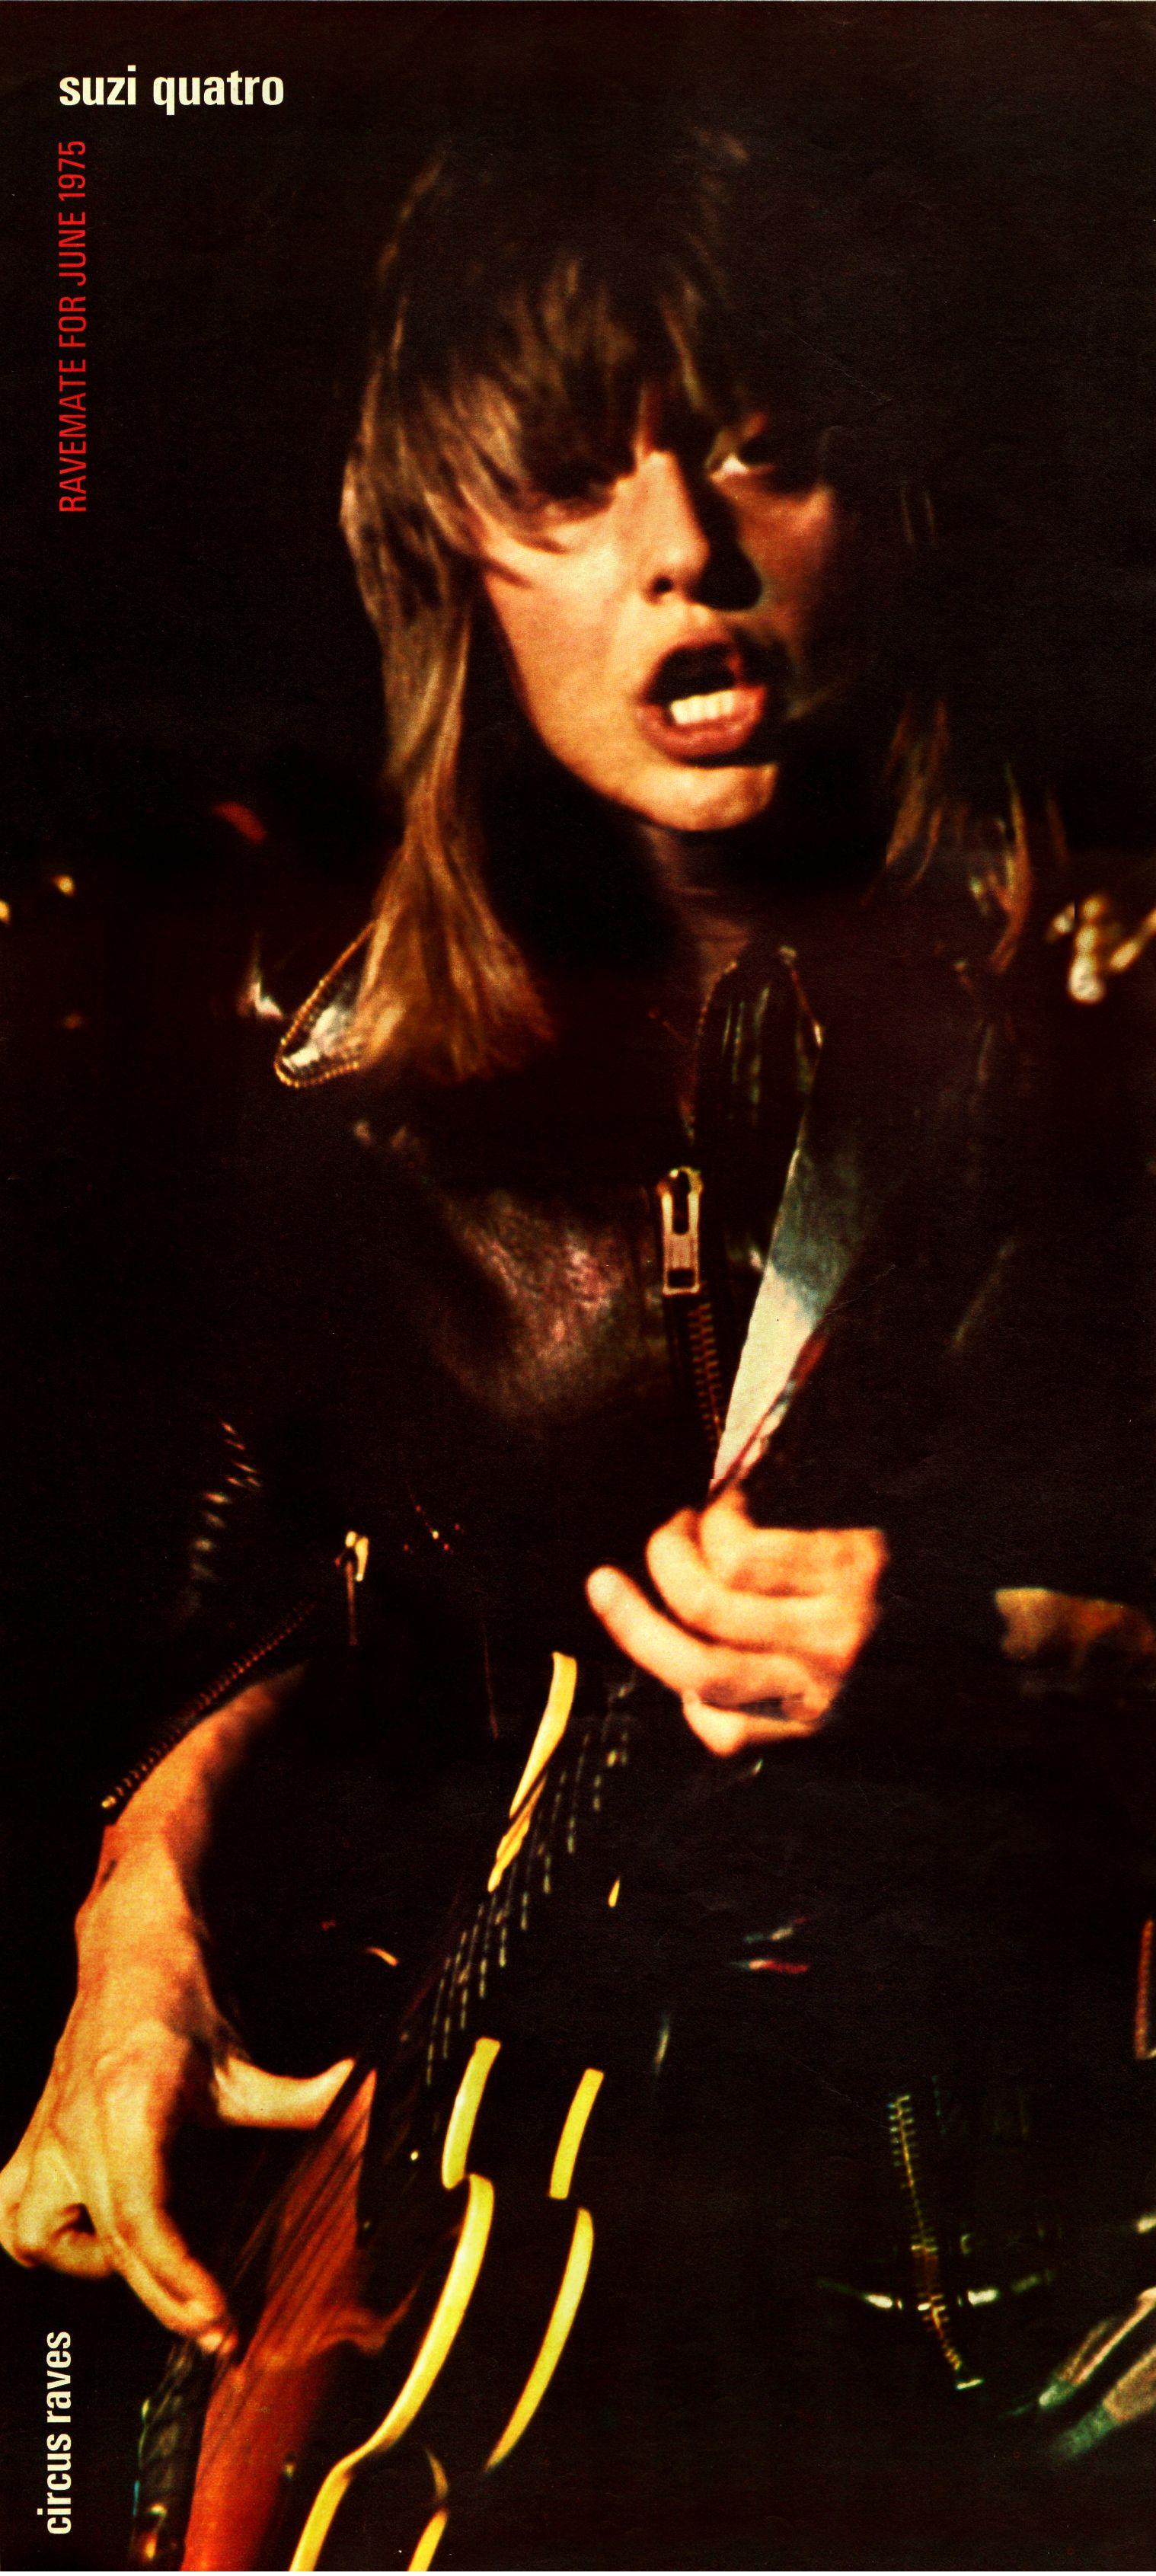 Suzi Quatro Circus Rave Usa 1975 V 2020 G